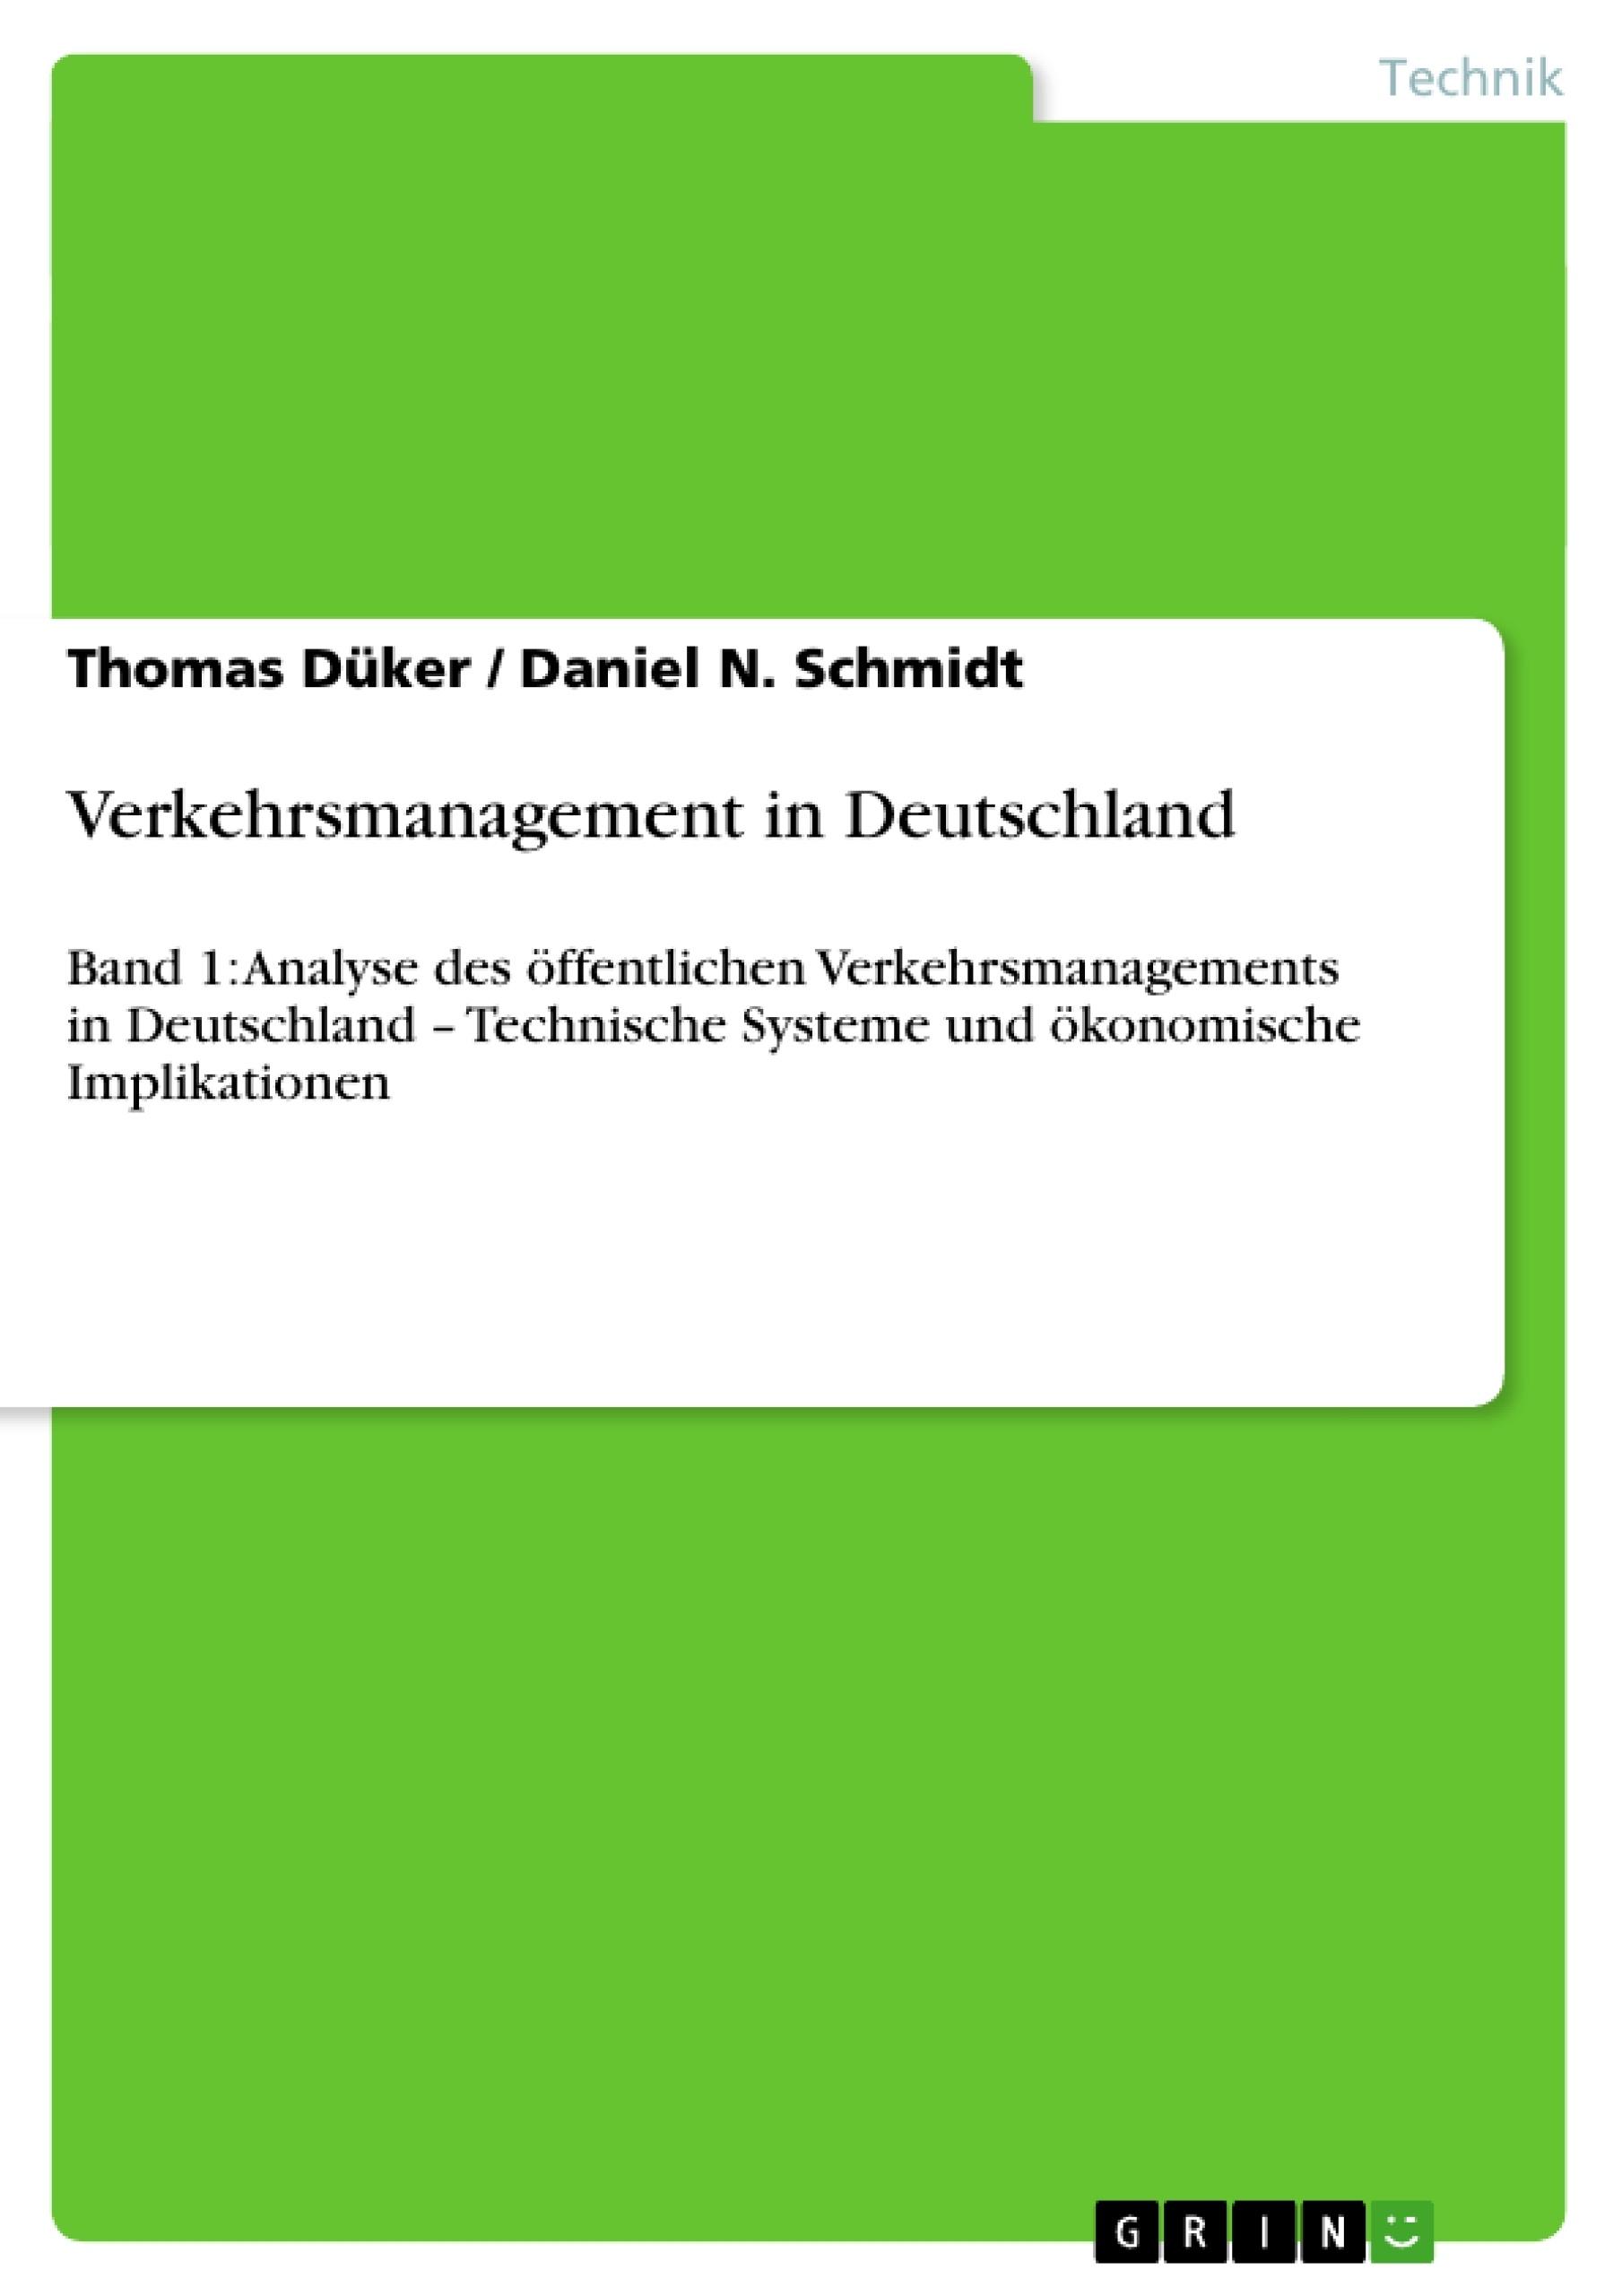 Titel: Verkehrsmanagement in Deutschland